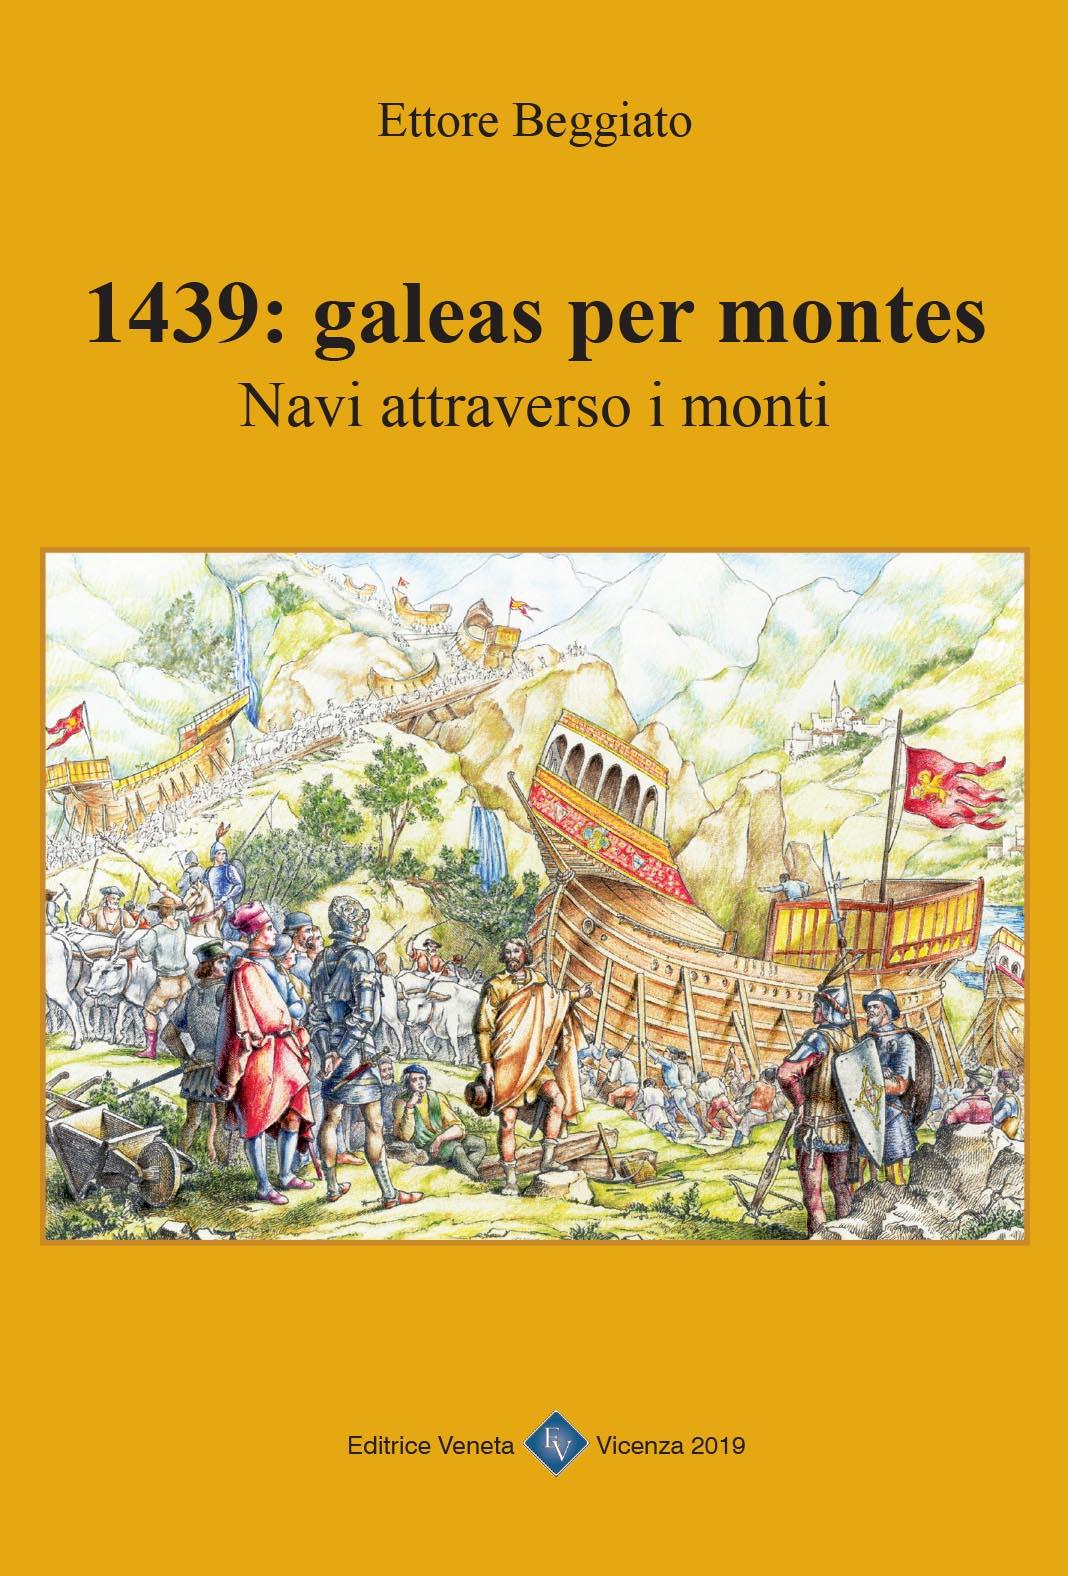 copertina galeas per montes (2)